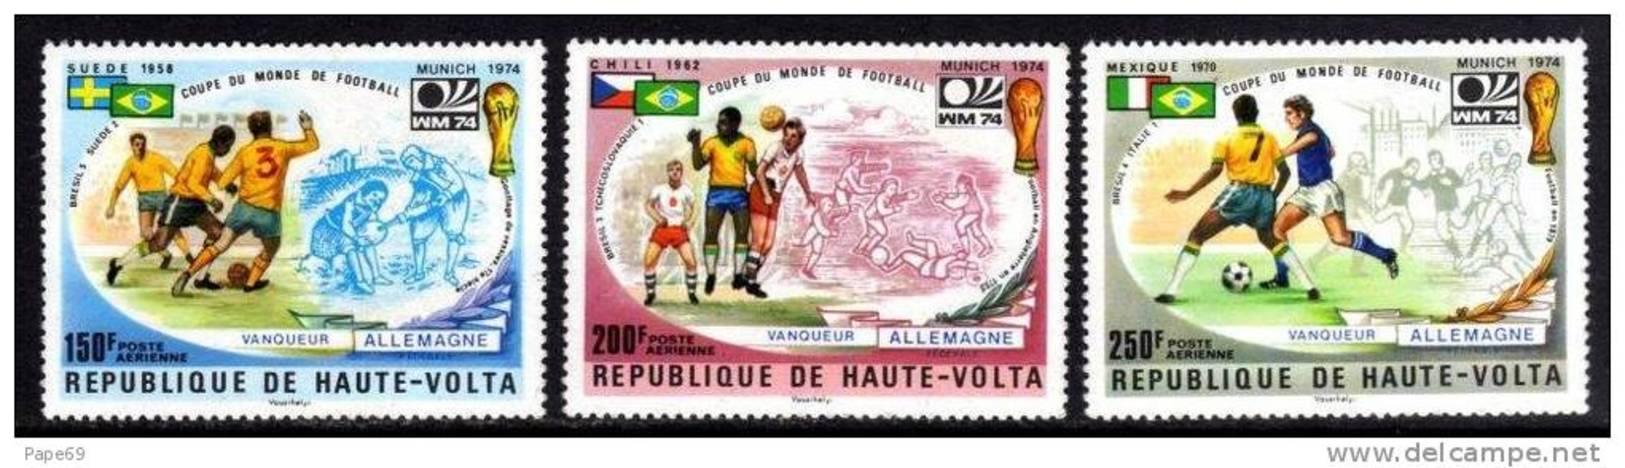 Haute Volta P.A. N° 180 / 82  XX  Vainqueurs De La Coupe Du Monde De Football, Les 3 Valeurs  Sans Charnière TB - Upper Volta (1958-1984)